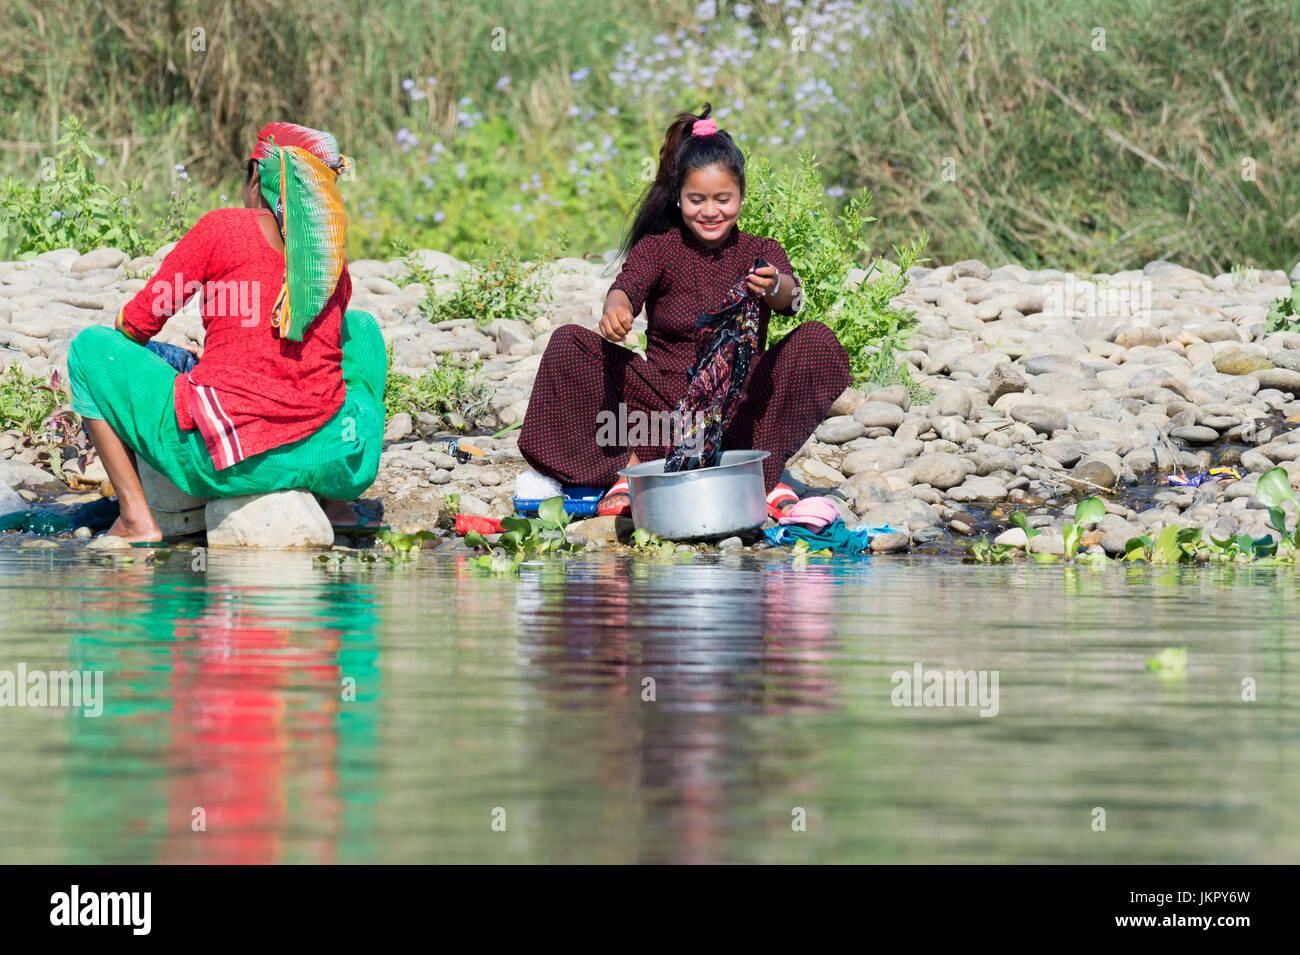 Nepalesische Frauen Wäsche waschen in einem Fluß, für den redaktionellen Gebrauch nur, Chitwan Bezirk, Stockbild